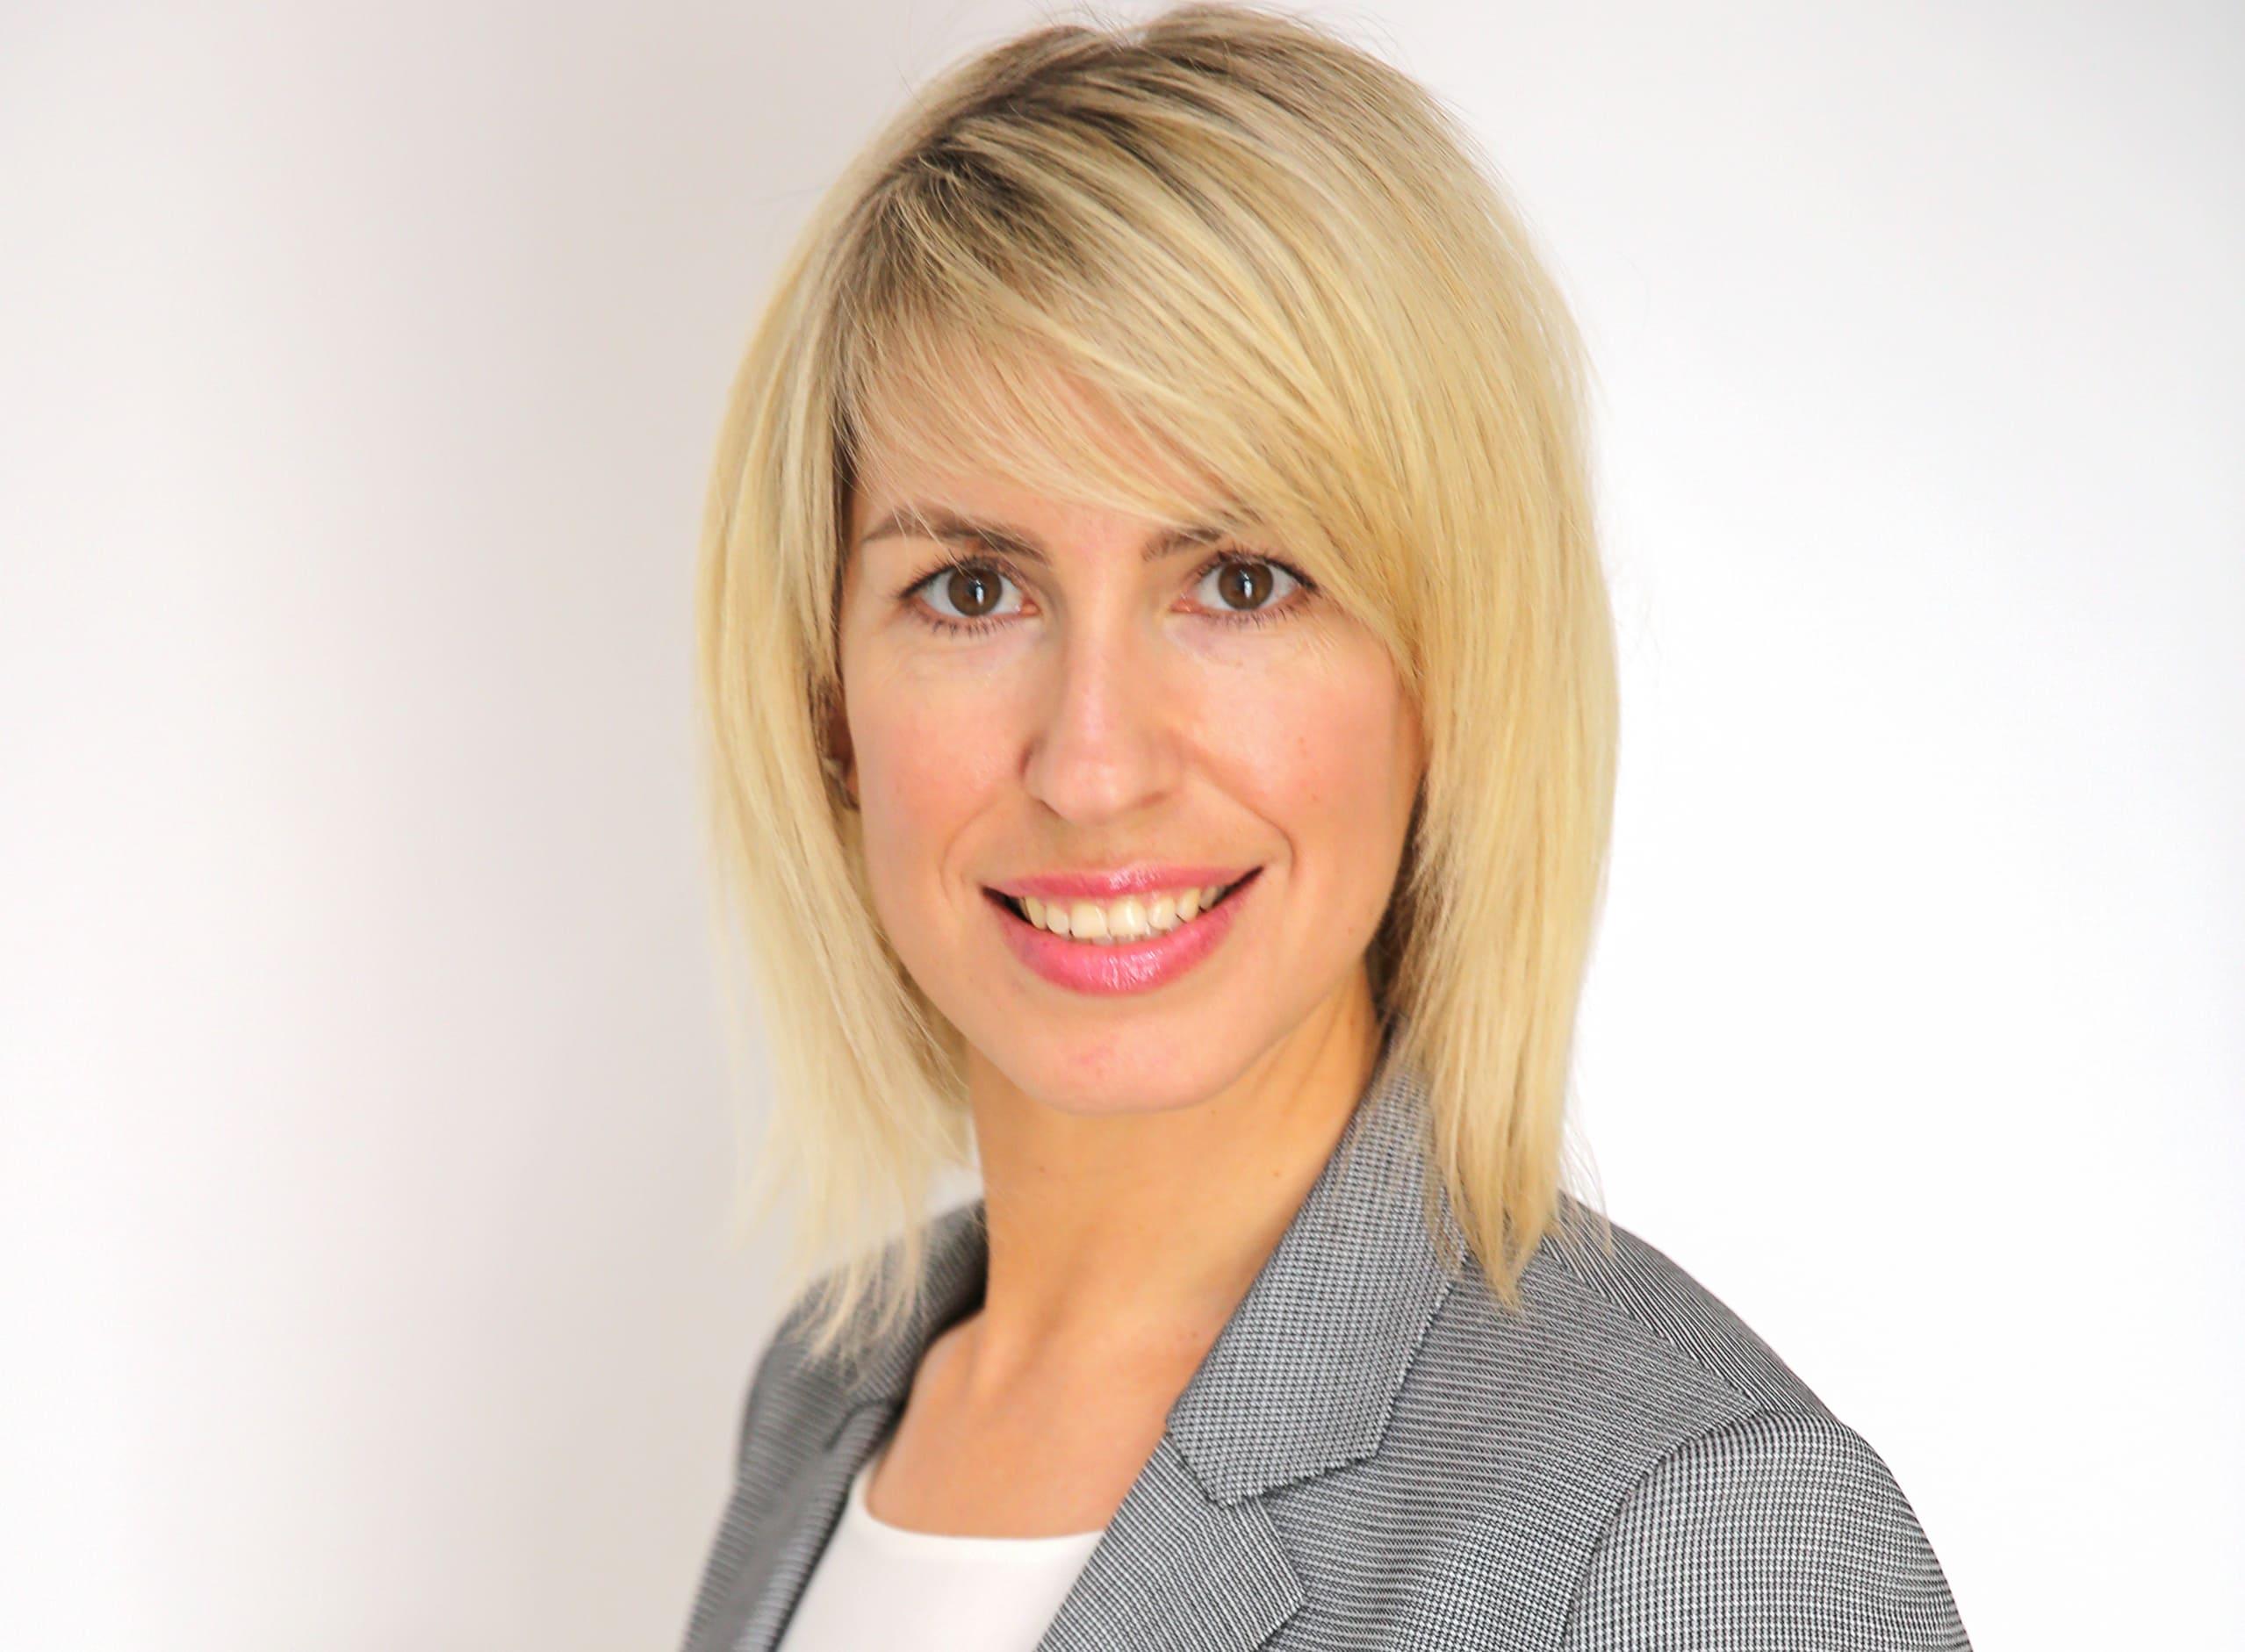 Директор Экспертного департамента Российского экологического общества Наталия Ткаченко вошла в состав Экспертного совета Минпромторга России